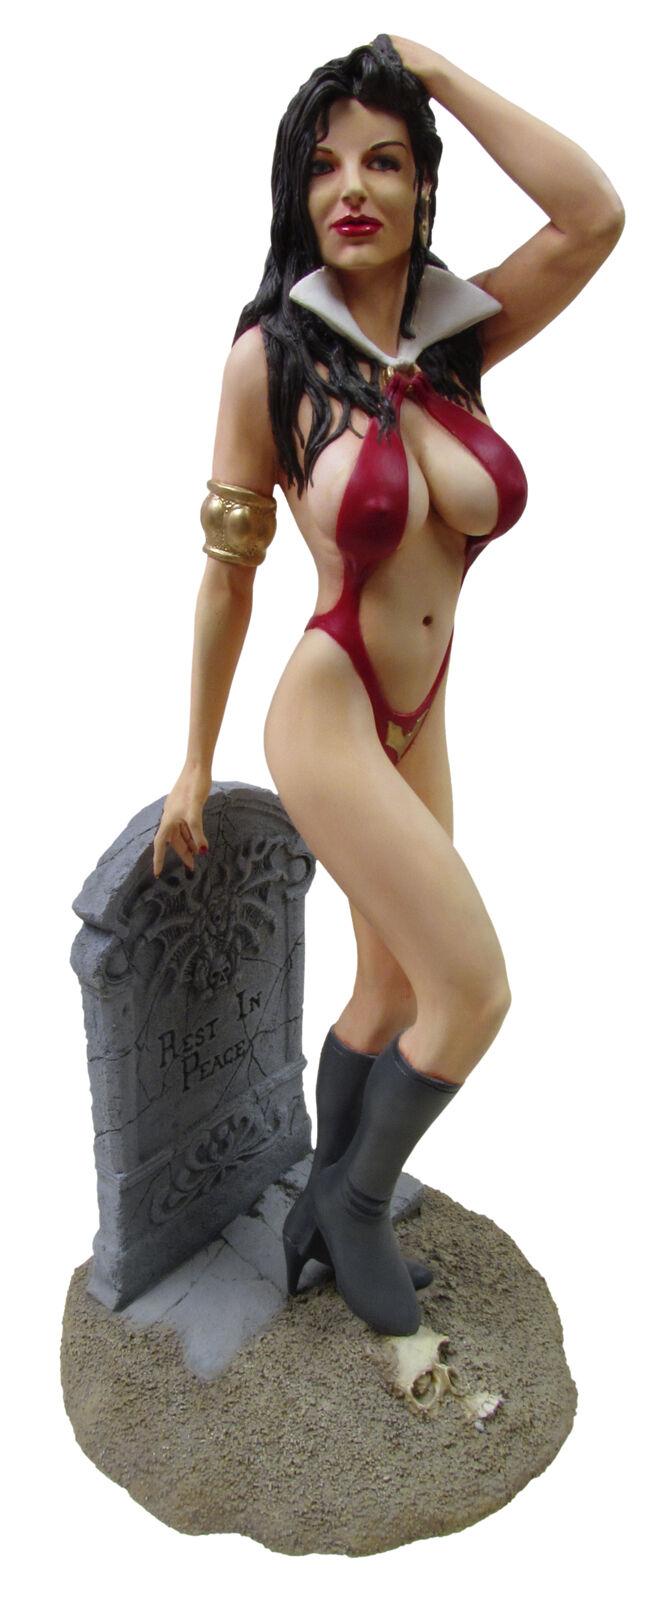 disfrutando de sus compras Jimmy Flintstone sexo en el Cementerio De Resina Resina Resina Figura Kit  opciones a bajo precio